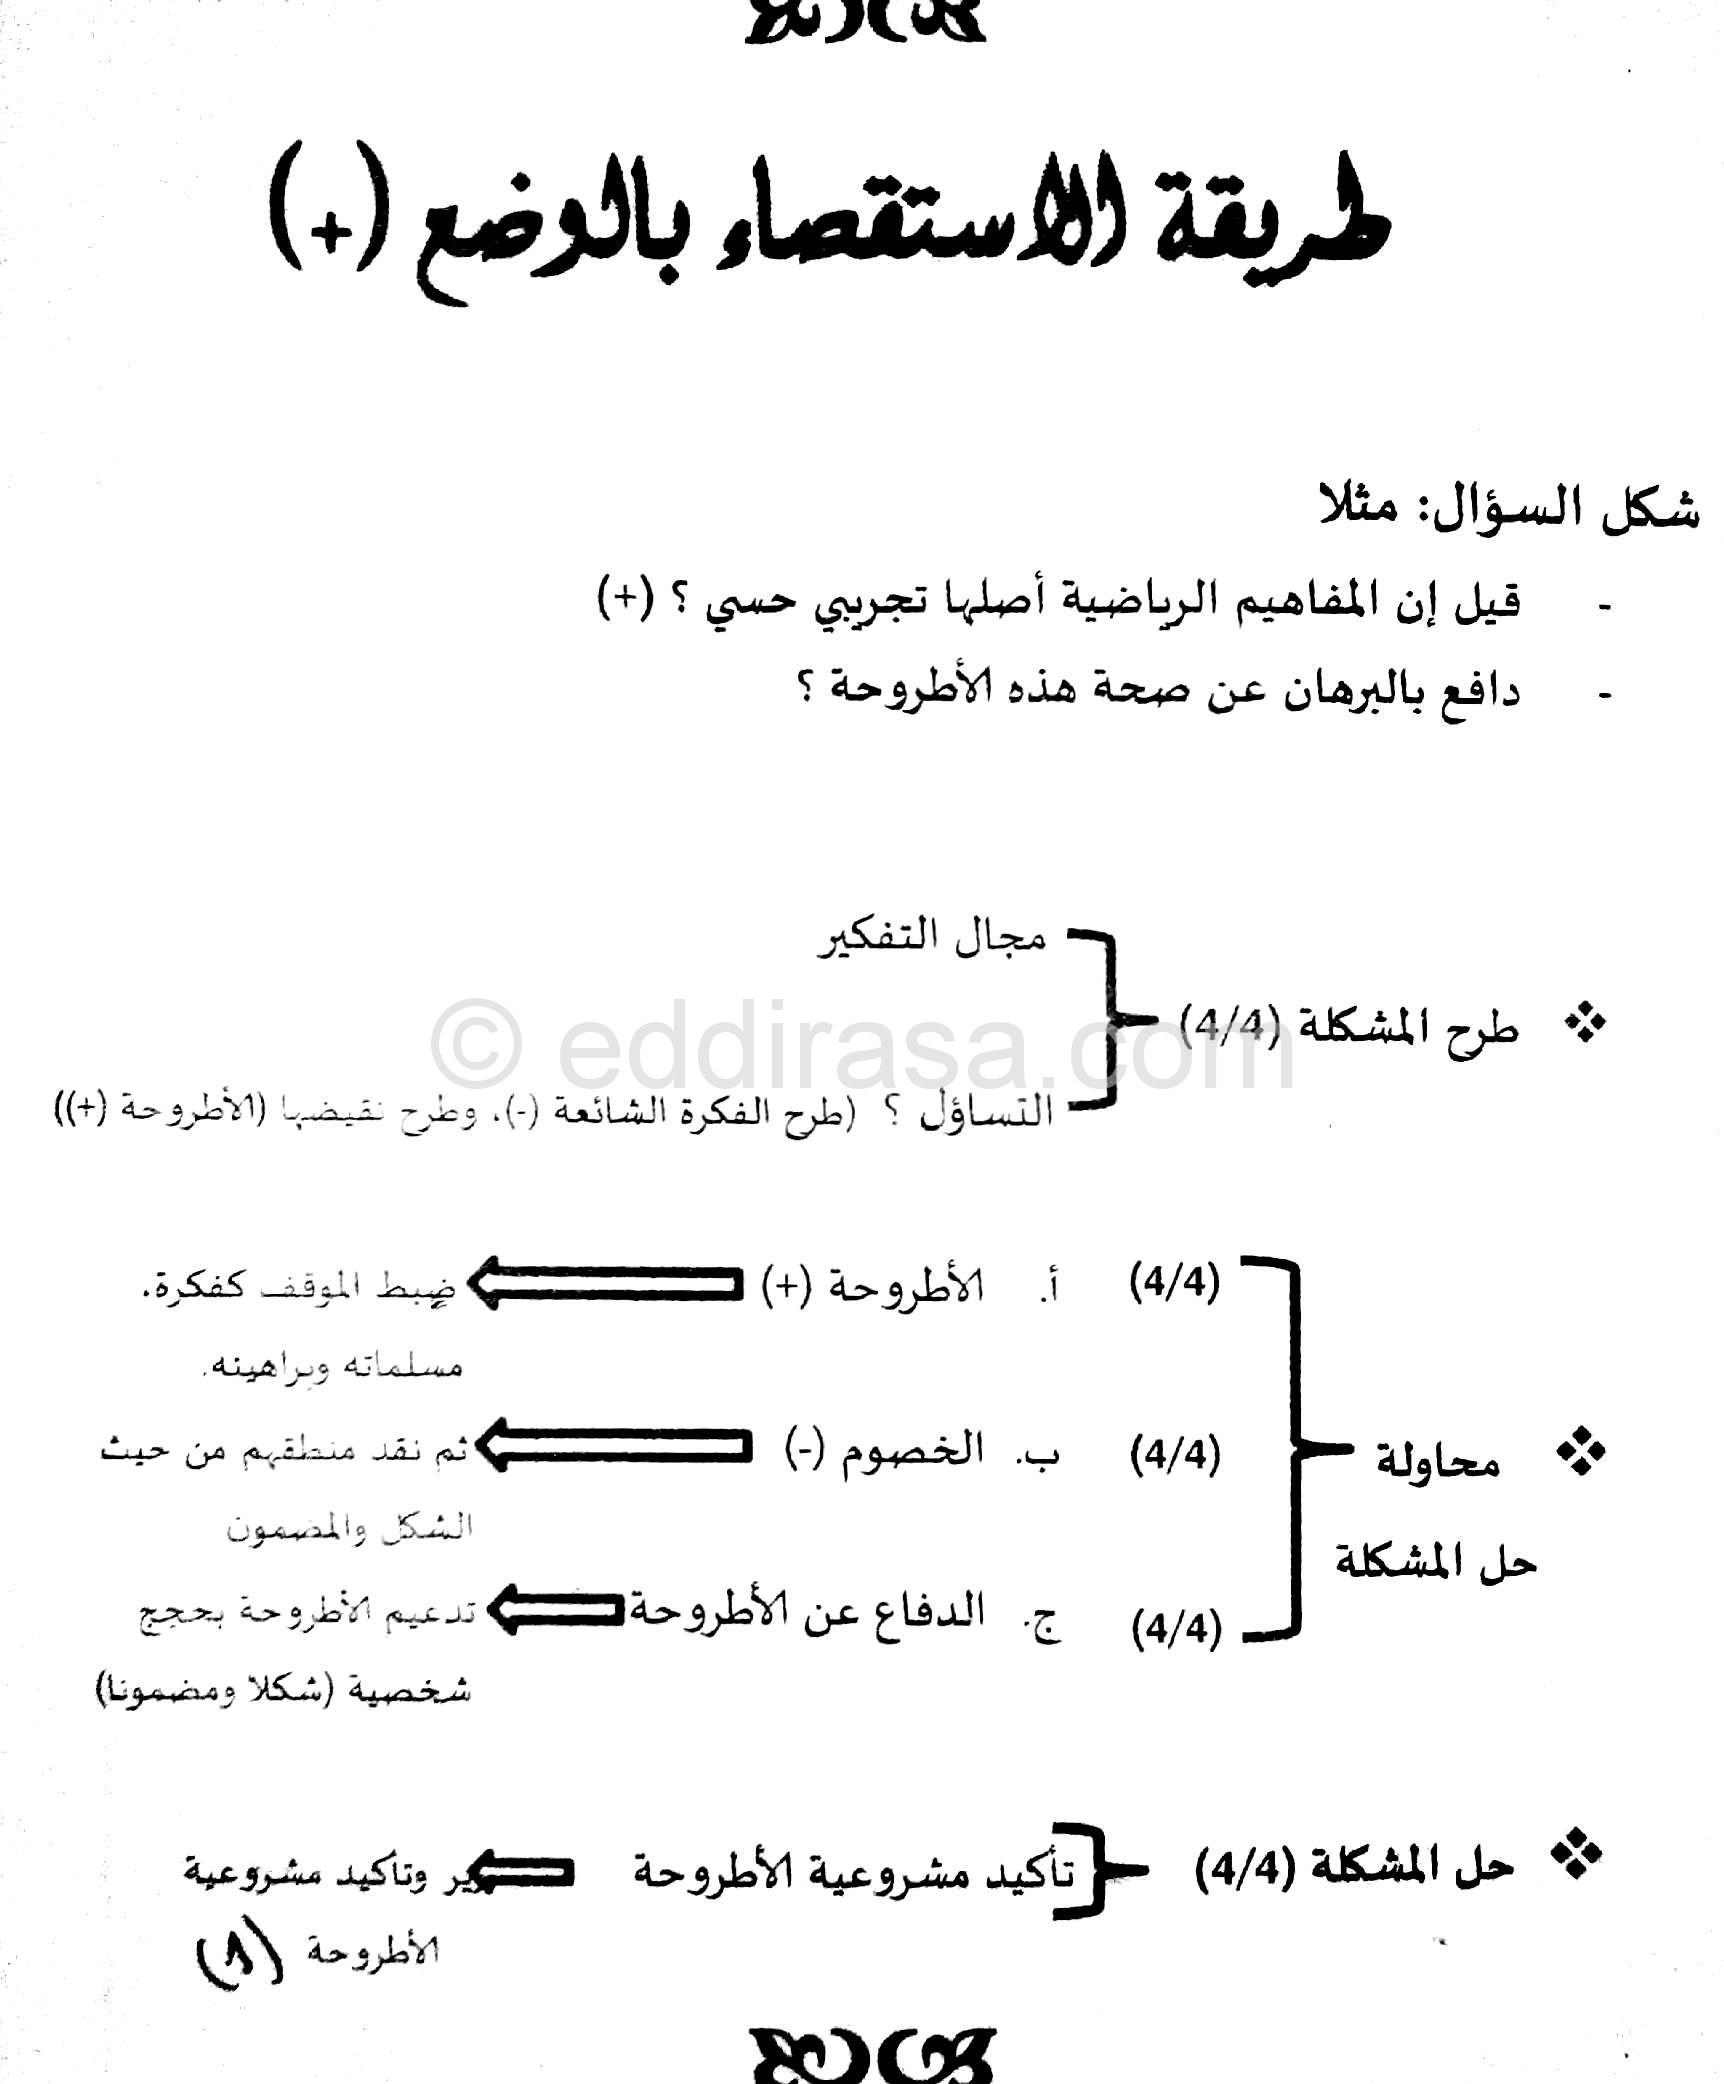 منهجية كتابة مقالة فلسفية_2